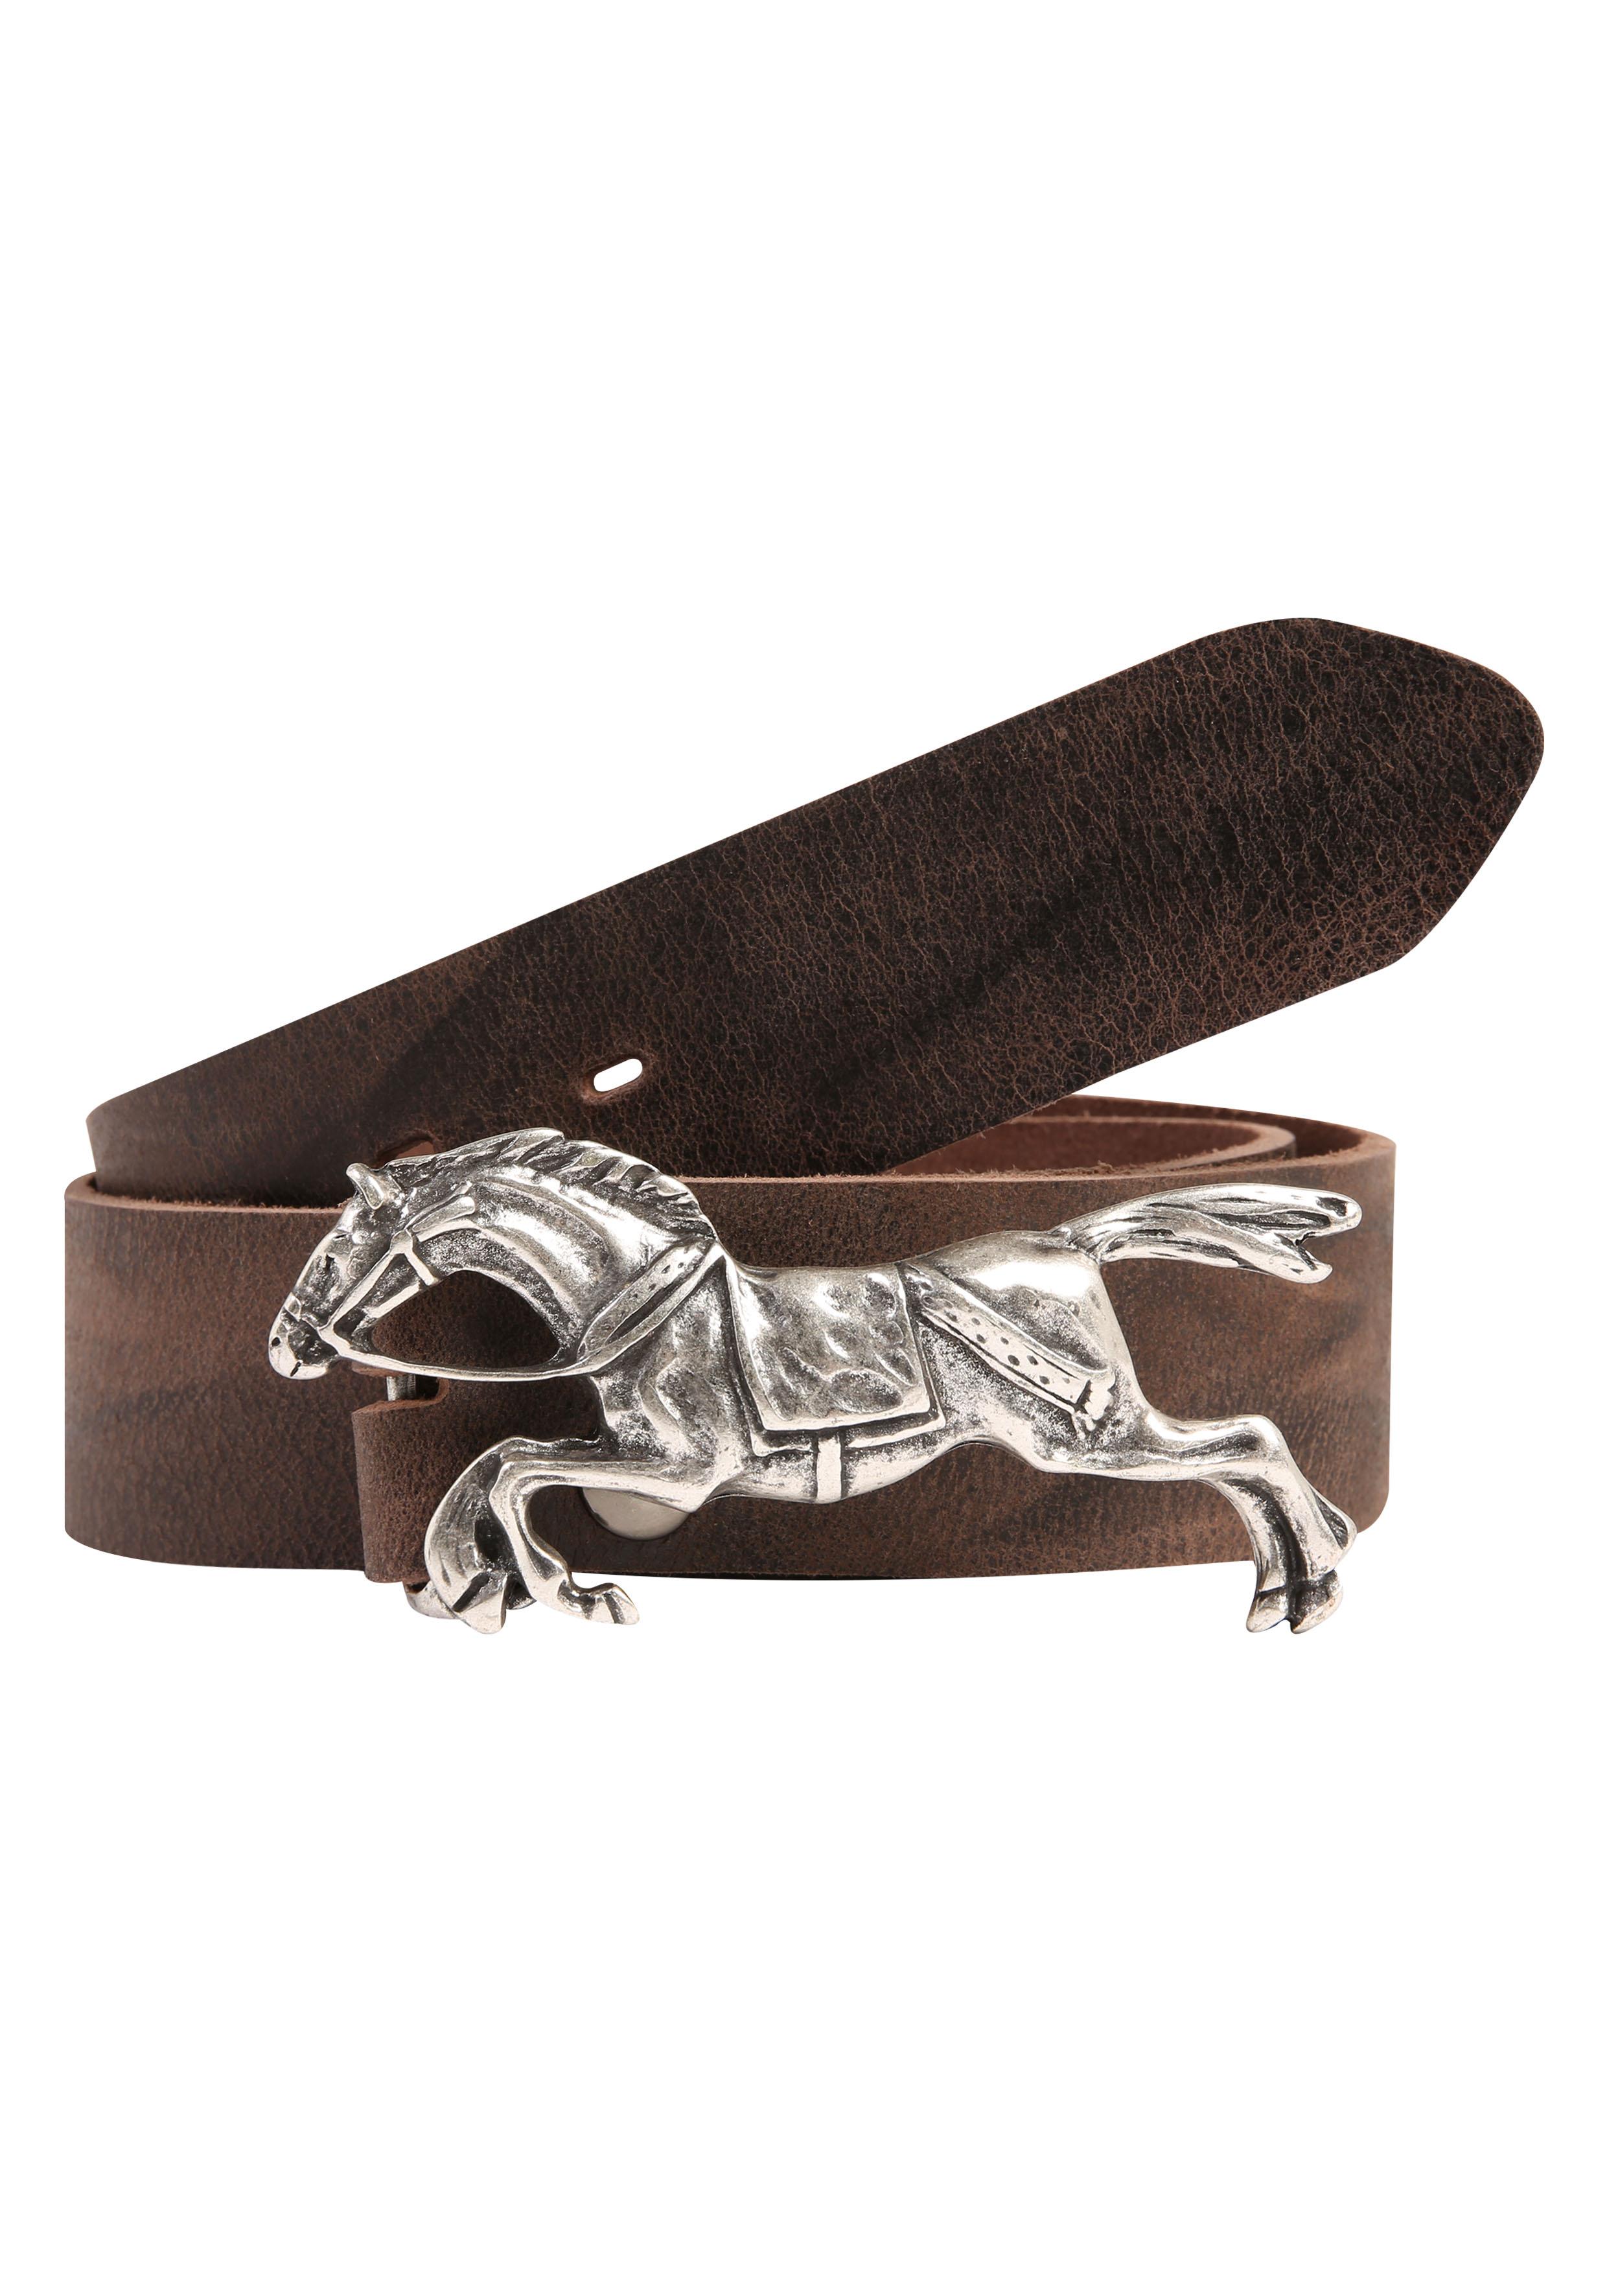 RETTUNGSRING by showroom 019° Ledergürtel, mit austauschbarer Rennpferd-Schließe braun Damen Ledergürtel Gürtel Accessoires 4260643965111